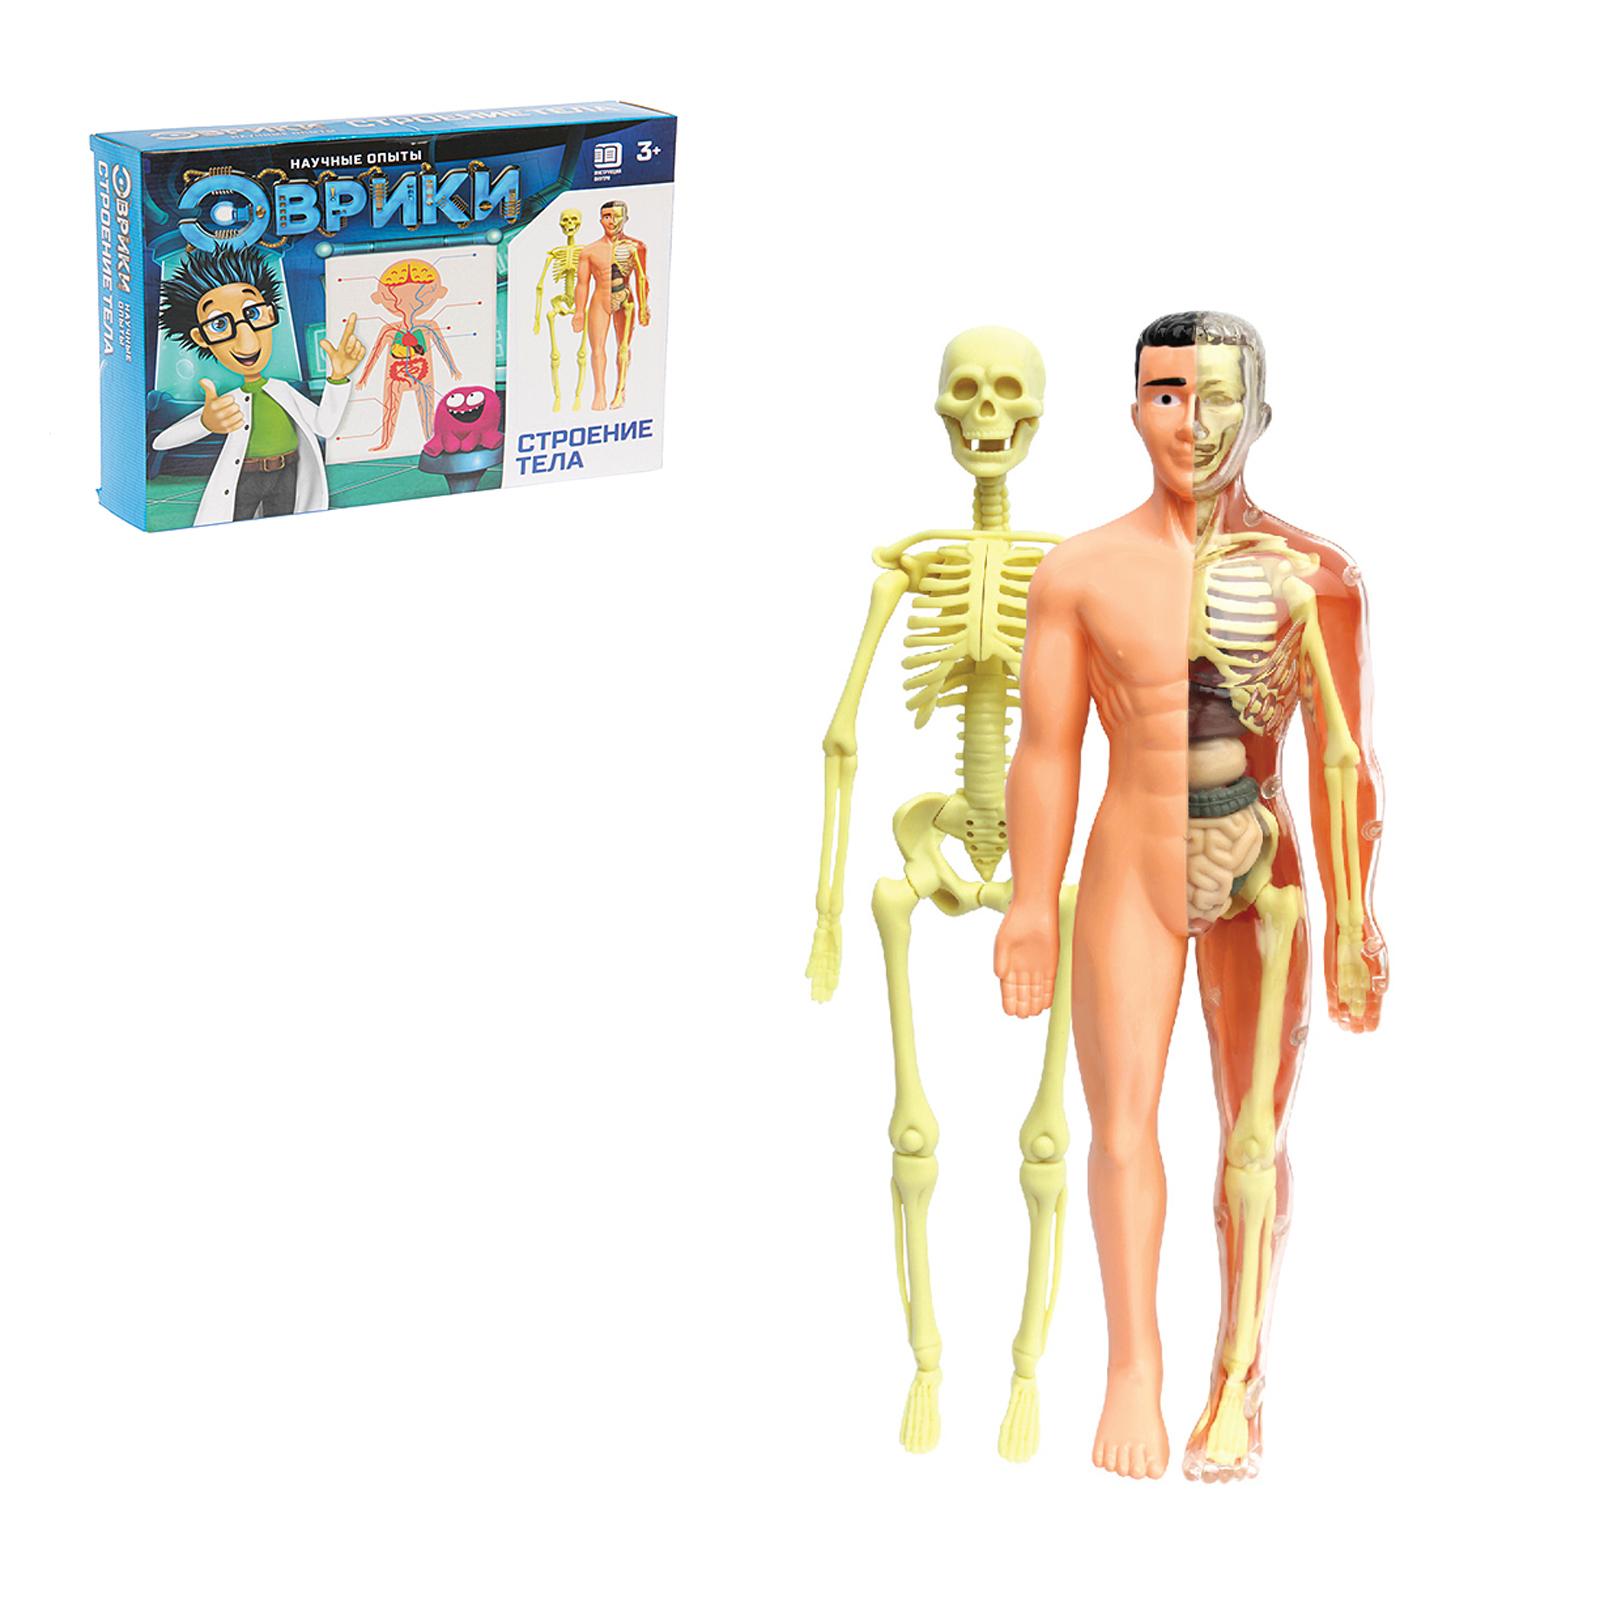 Строение тела (скелет + органы)